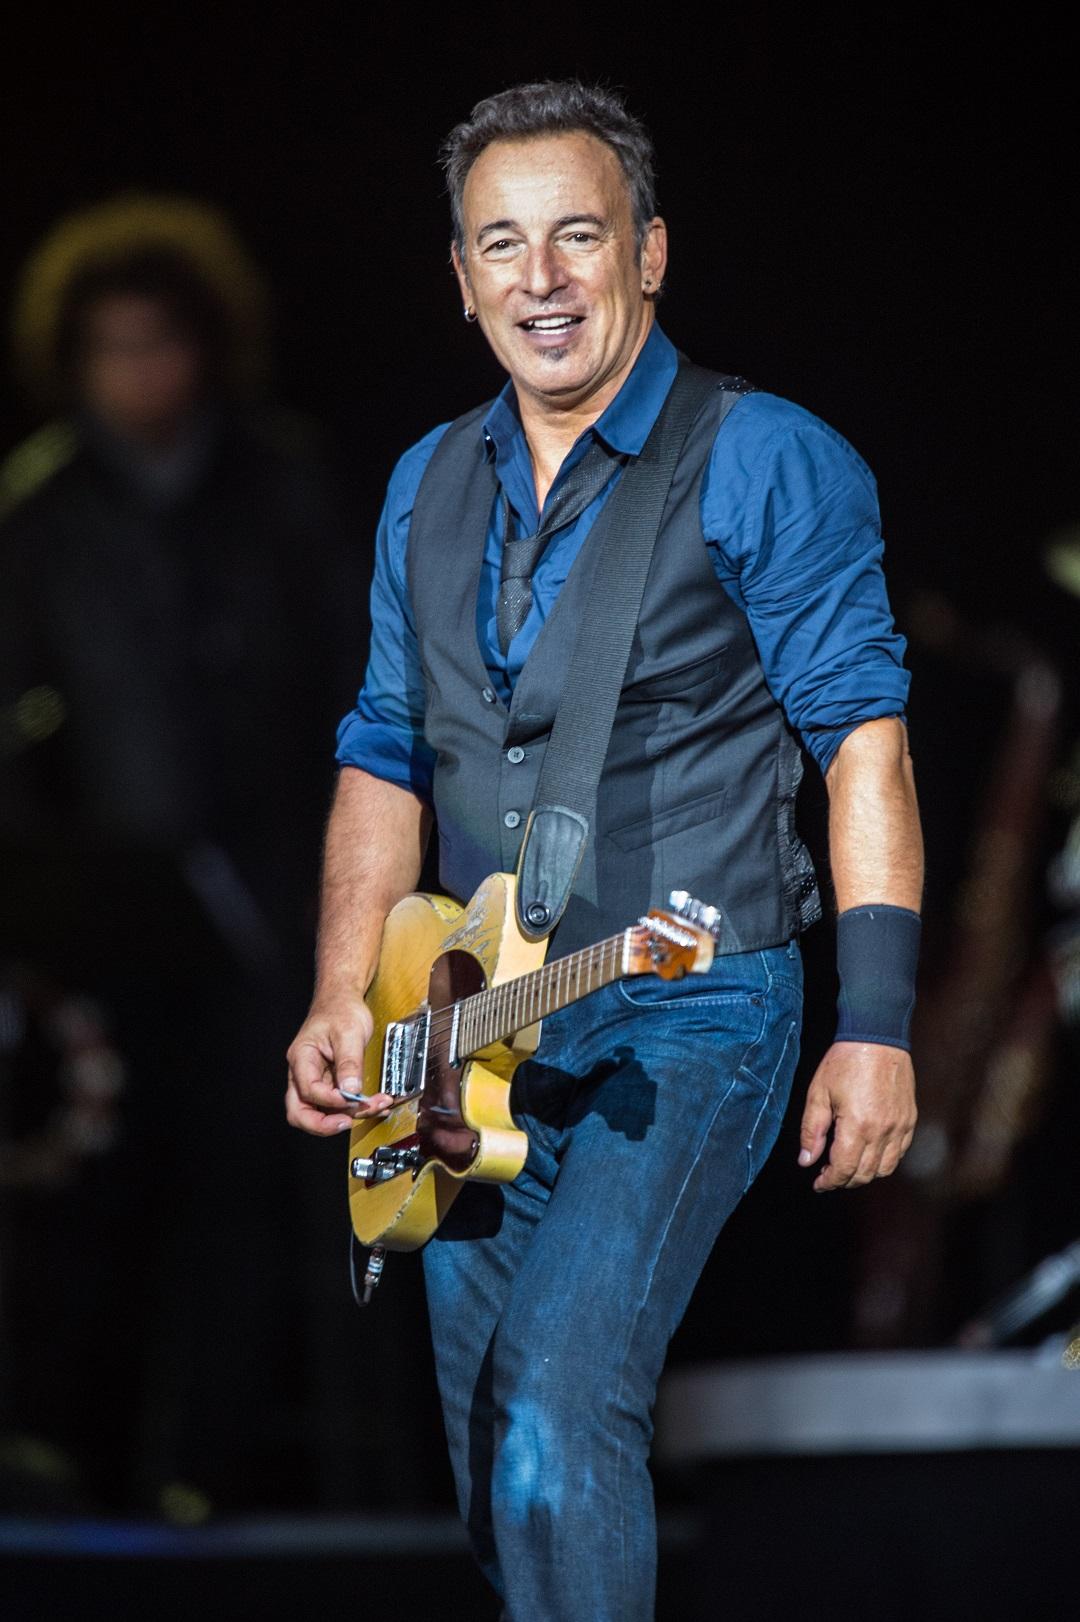 Bruce Springsteen at the 2012 Roskilde Festival